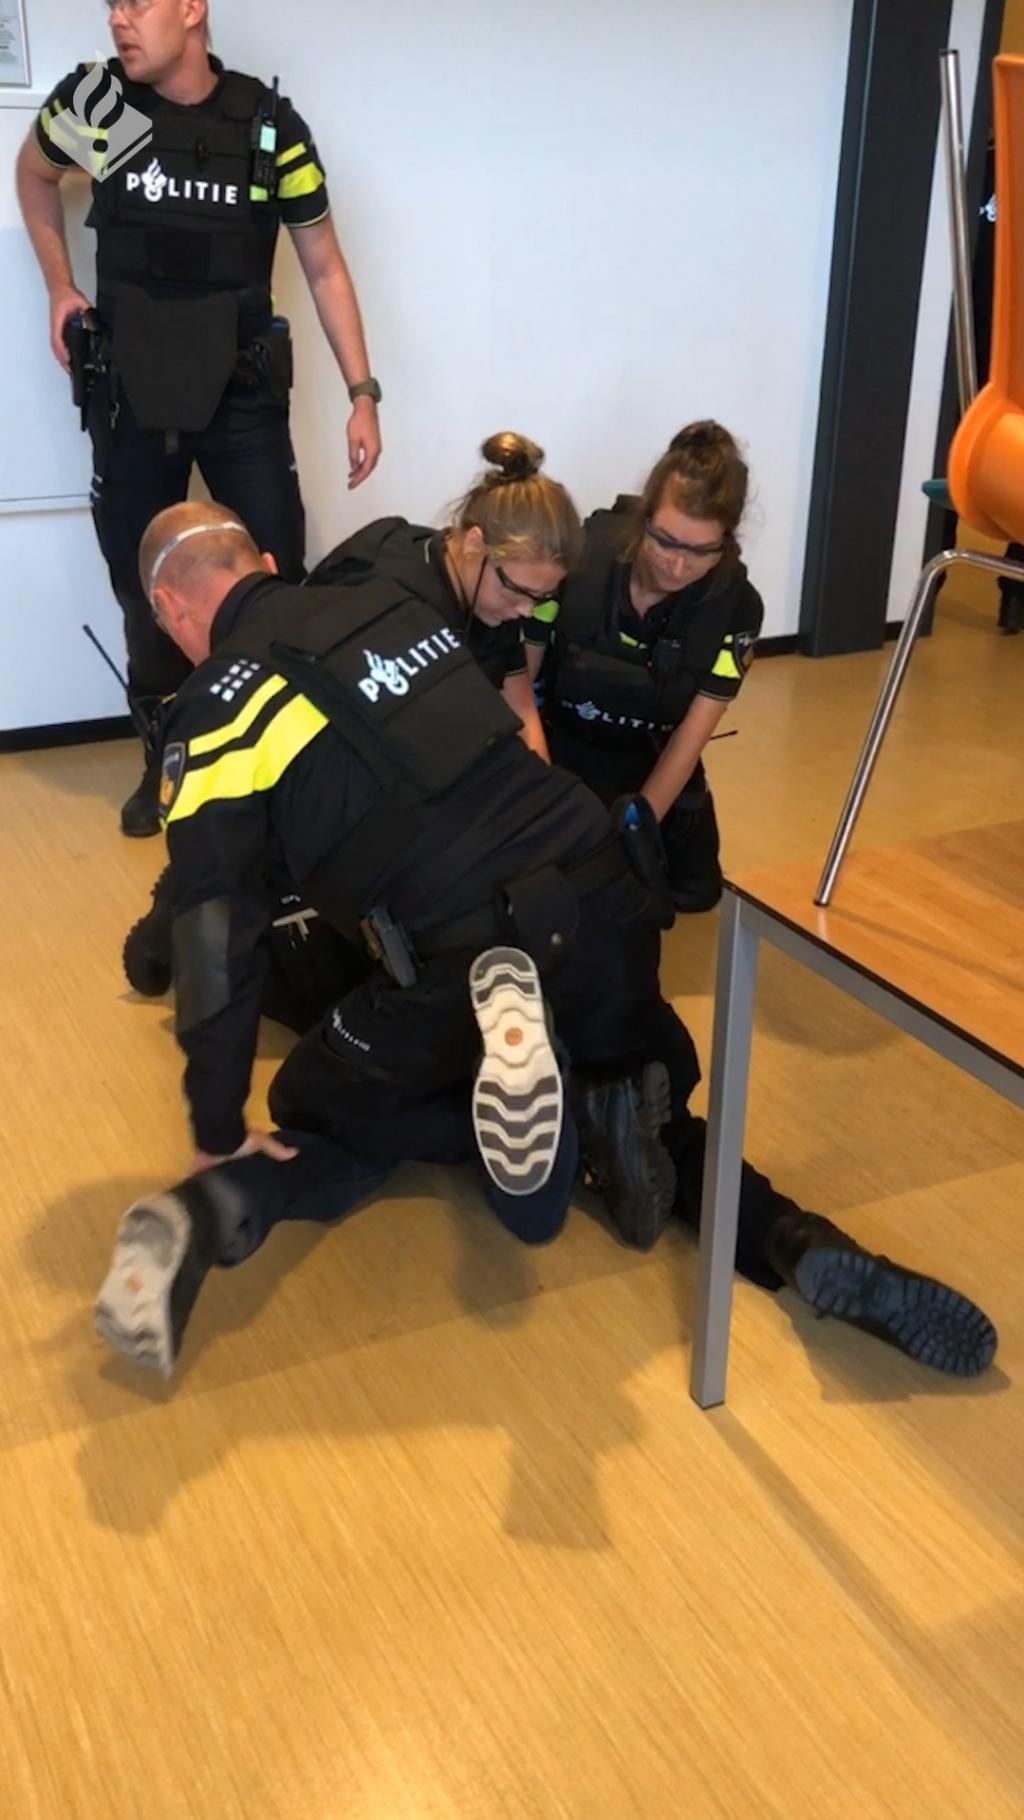 De verdachte wordt overmeesterd en in de boeien geslagen. Foto: Politie Oost-Nederland © DPG Media